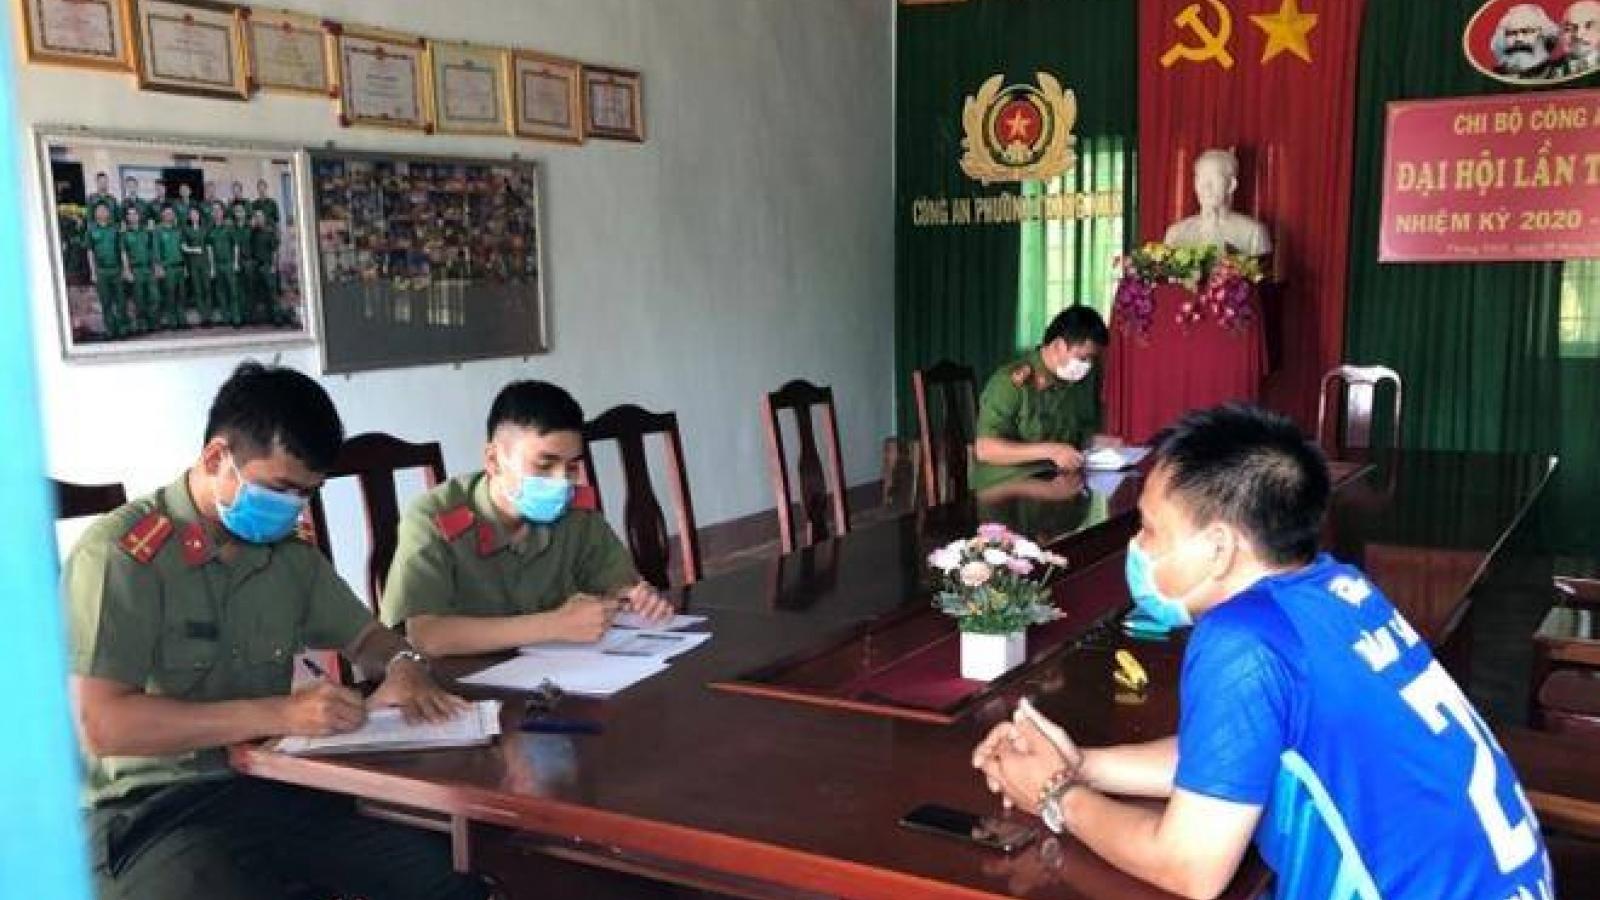 Đắk Lắk xử lý 24 người tung tin giả về dịch Covid-19 lên mạng xã hội